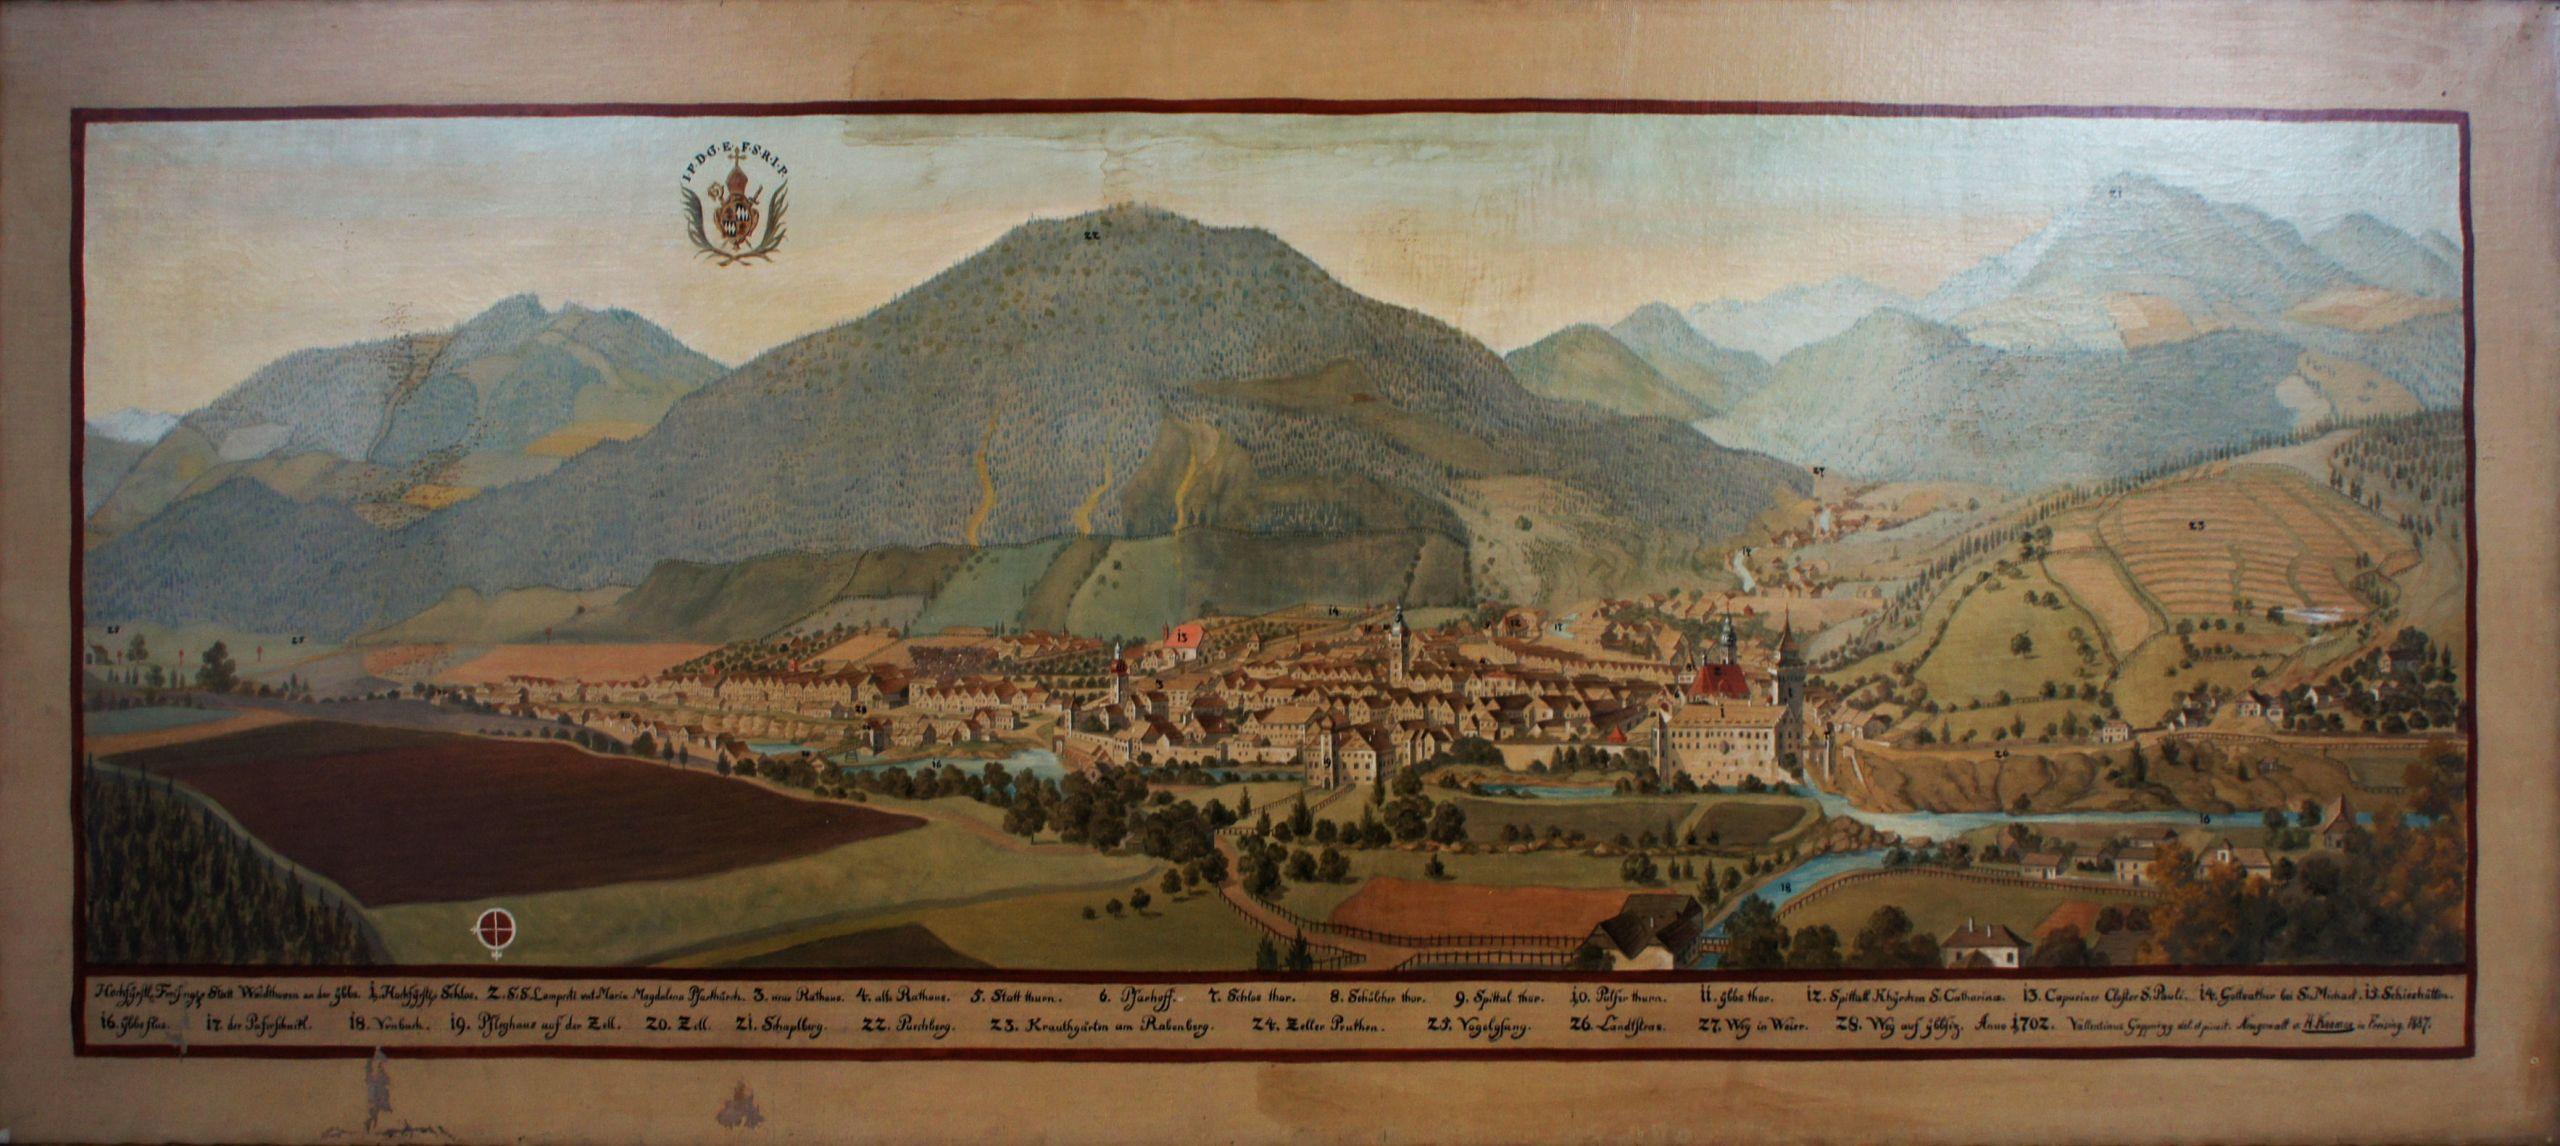 Fürstengang Freising Waidhofen an der Ybbs